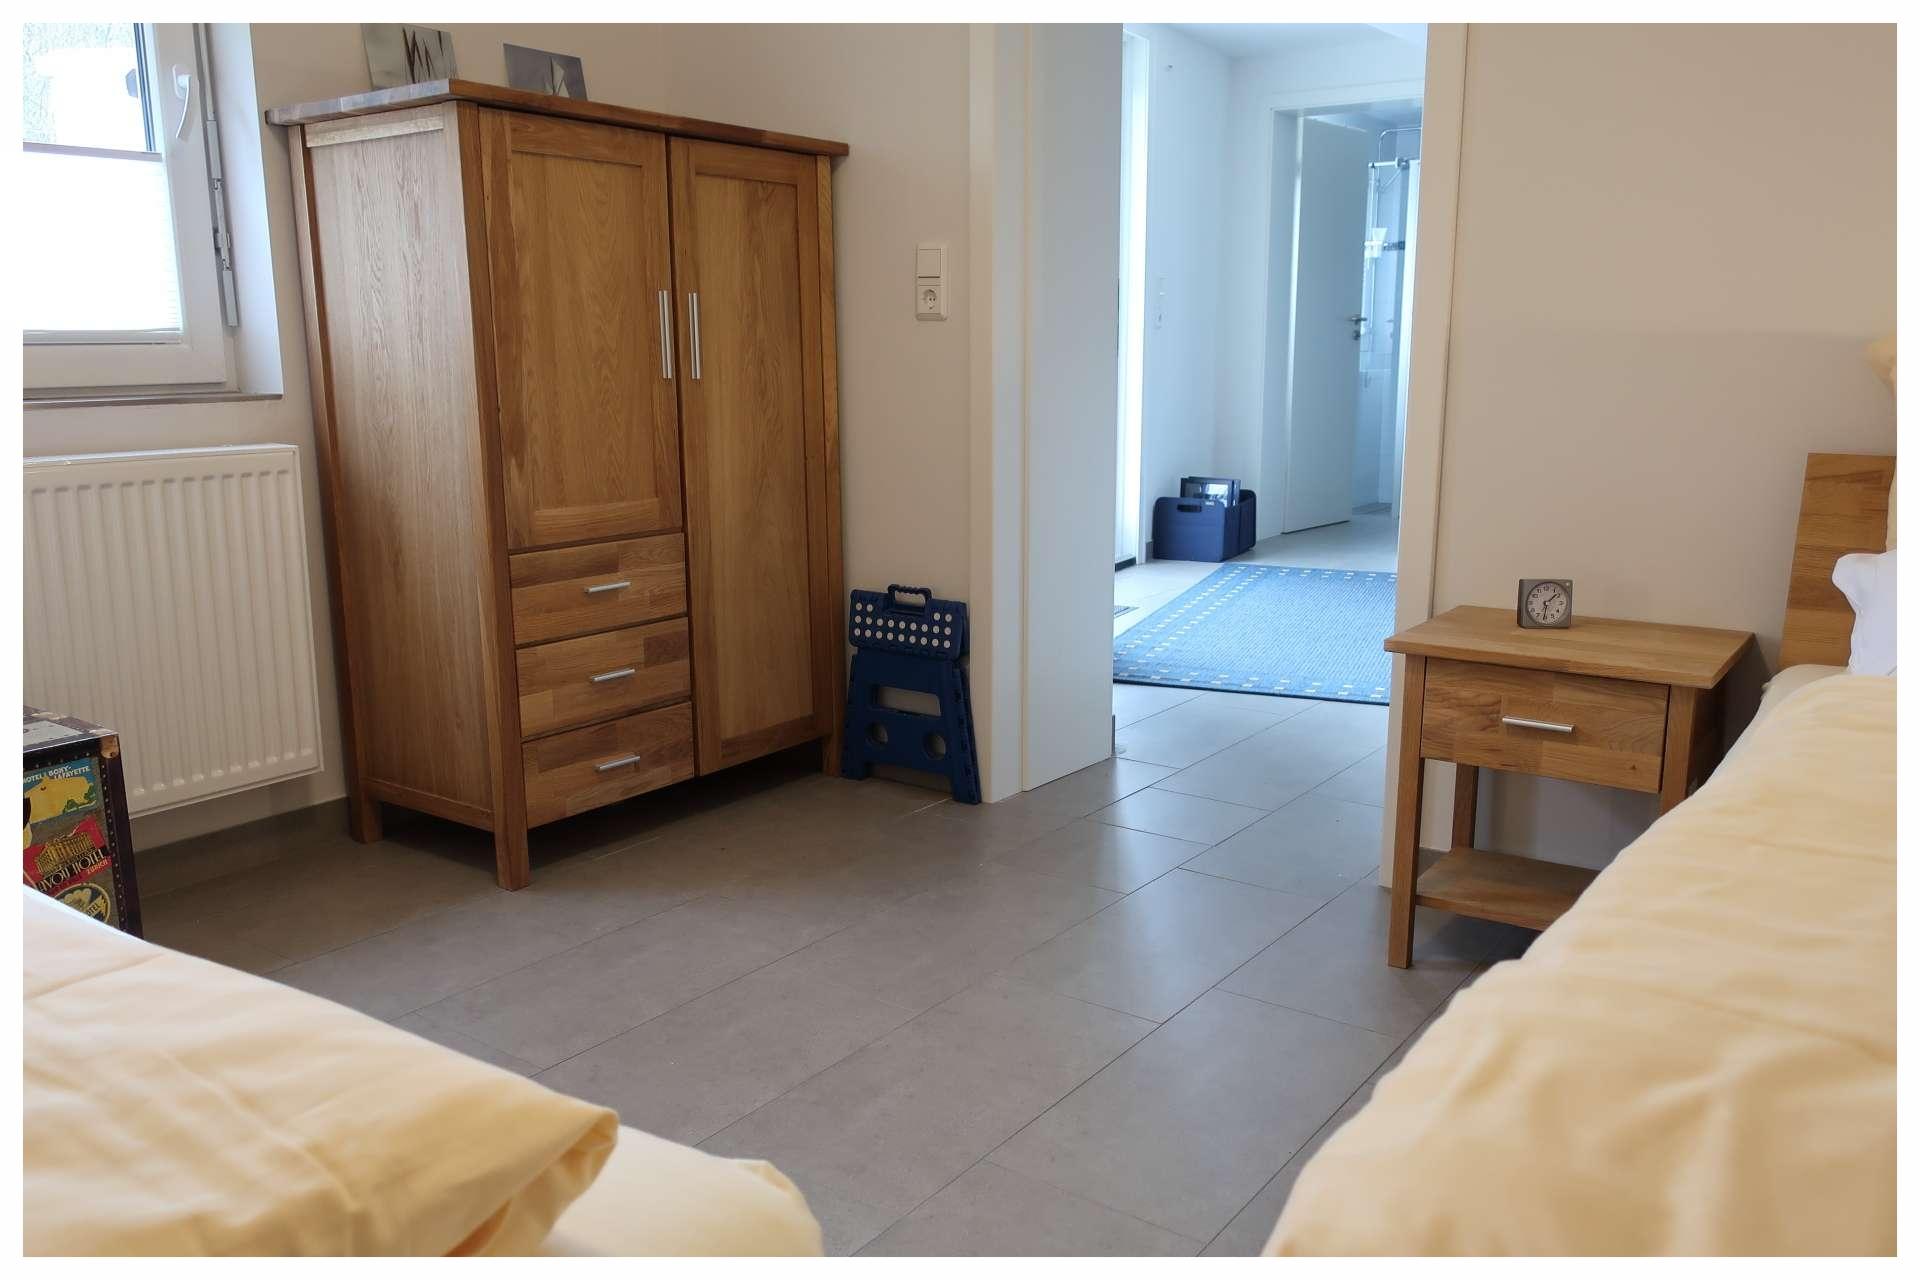 Schlafzimmer im Erdgeschoss mit zwei Einzelbetten